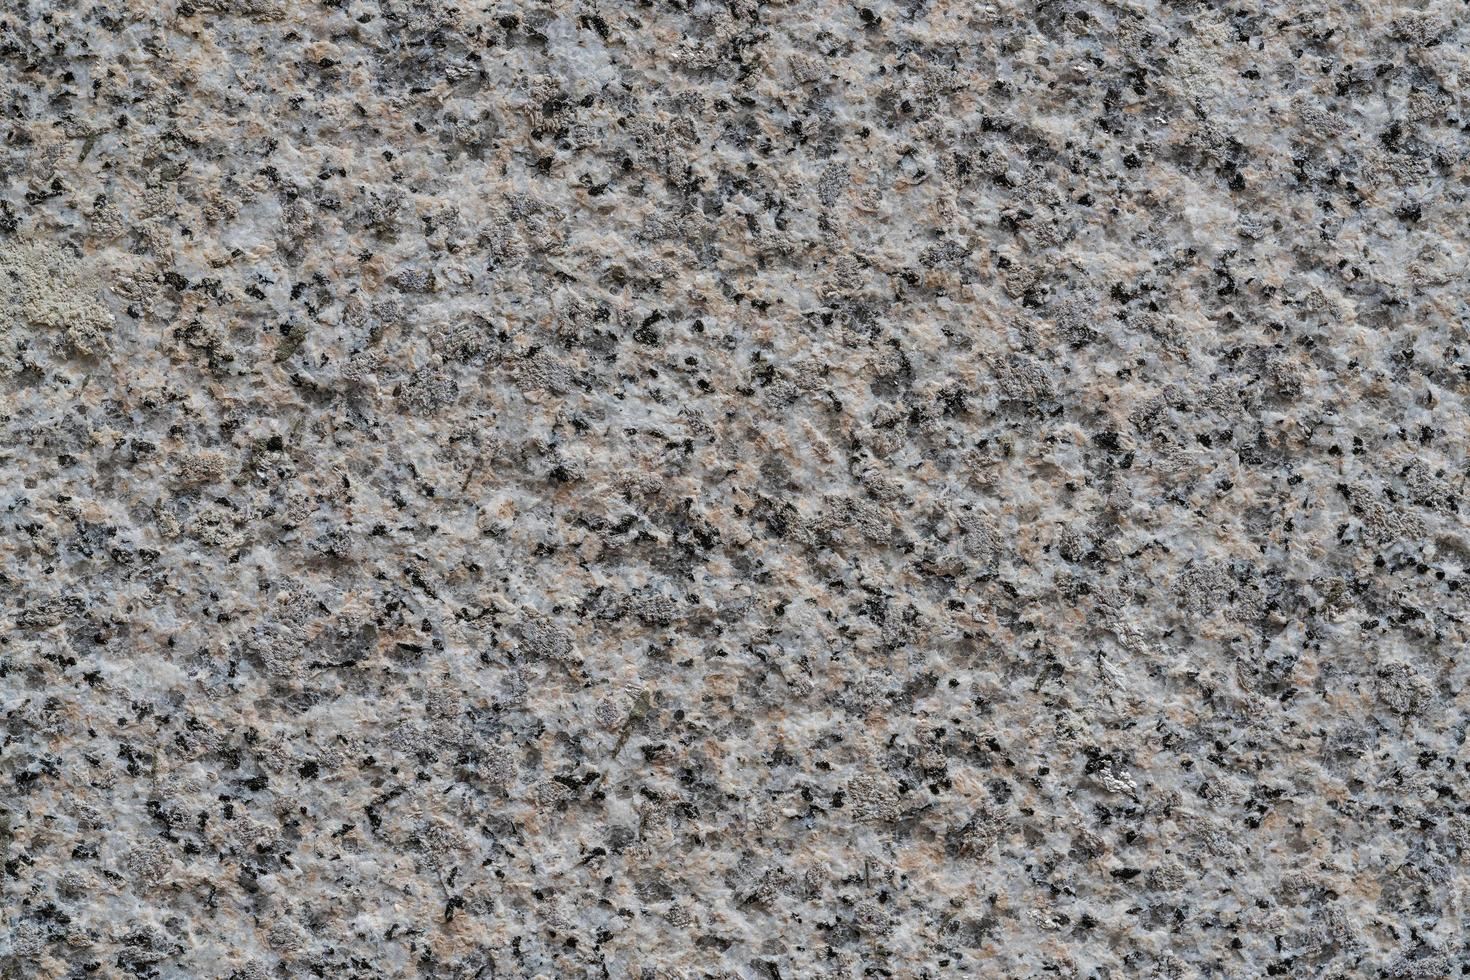 textura de una superficie de piedra de granito foto